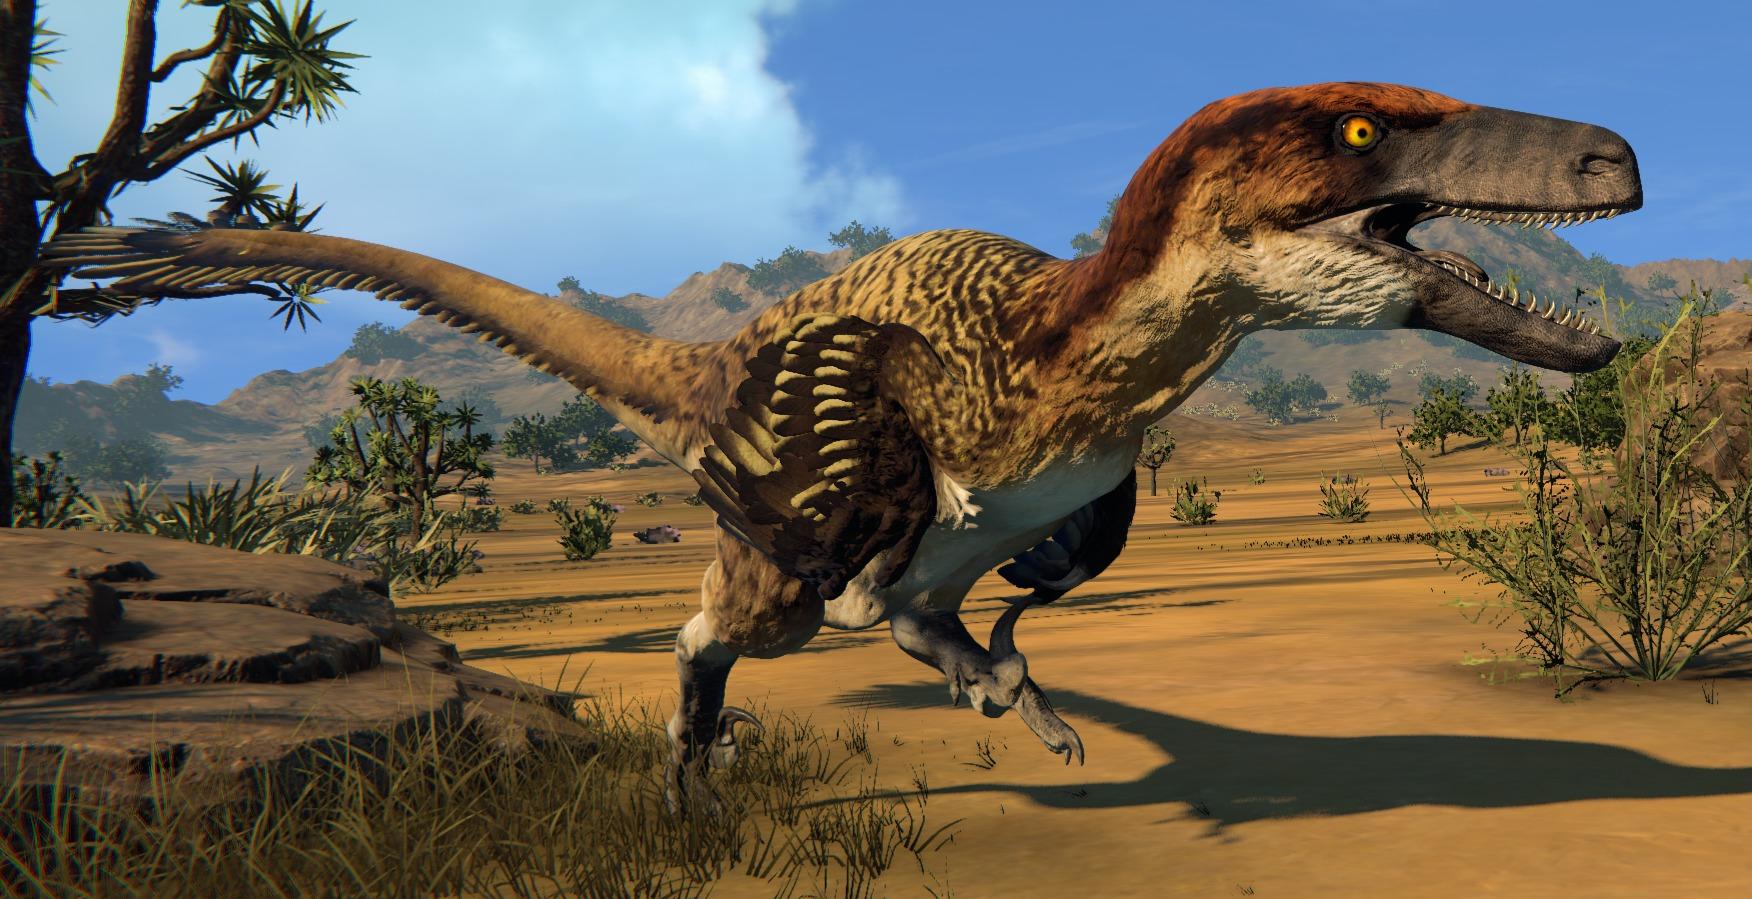 Dinosaurios Estos Fueron Los 10 Mas Peligrosos Del Mundo Características de los dinosaurios marinos. estos fueron los 10 mas peligrosos del